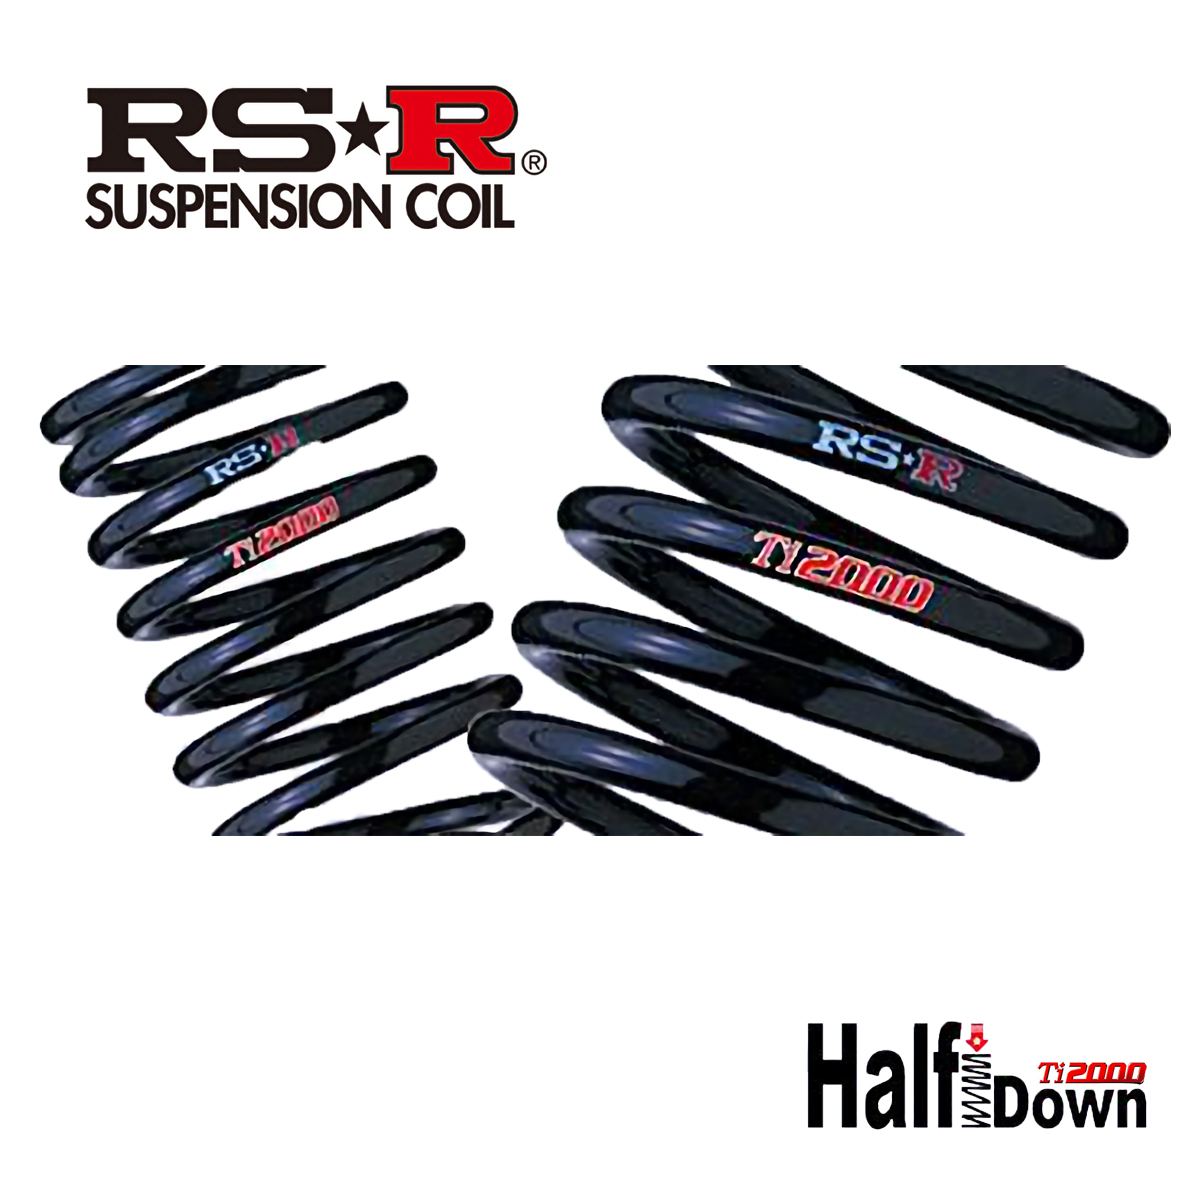 RS-R ムーヴ FF LA150S ダウンサス スプリング 1台分 D200THD Ti2000 ハーフダウン RSR 個人宅発送追金有